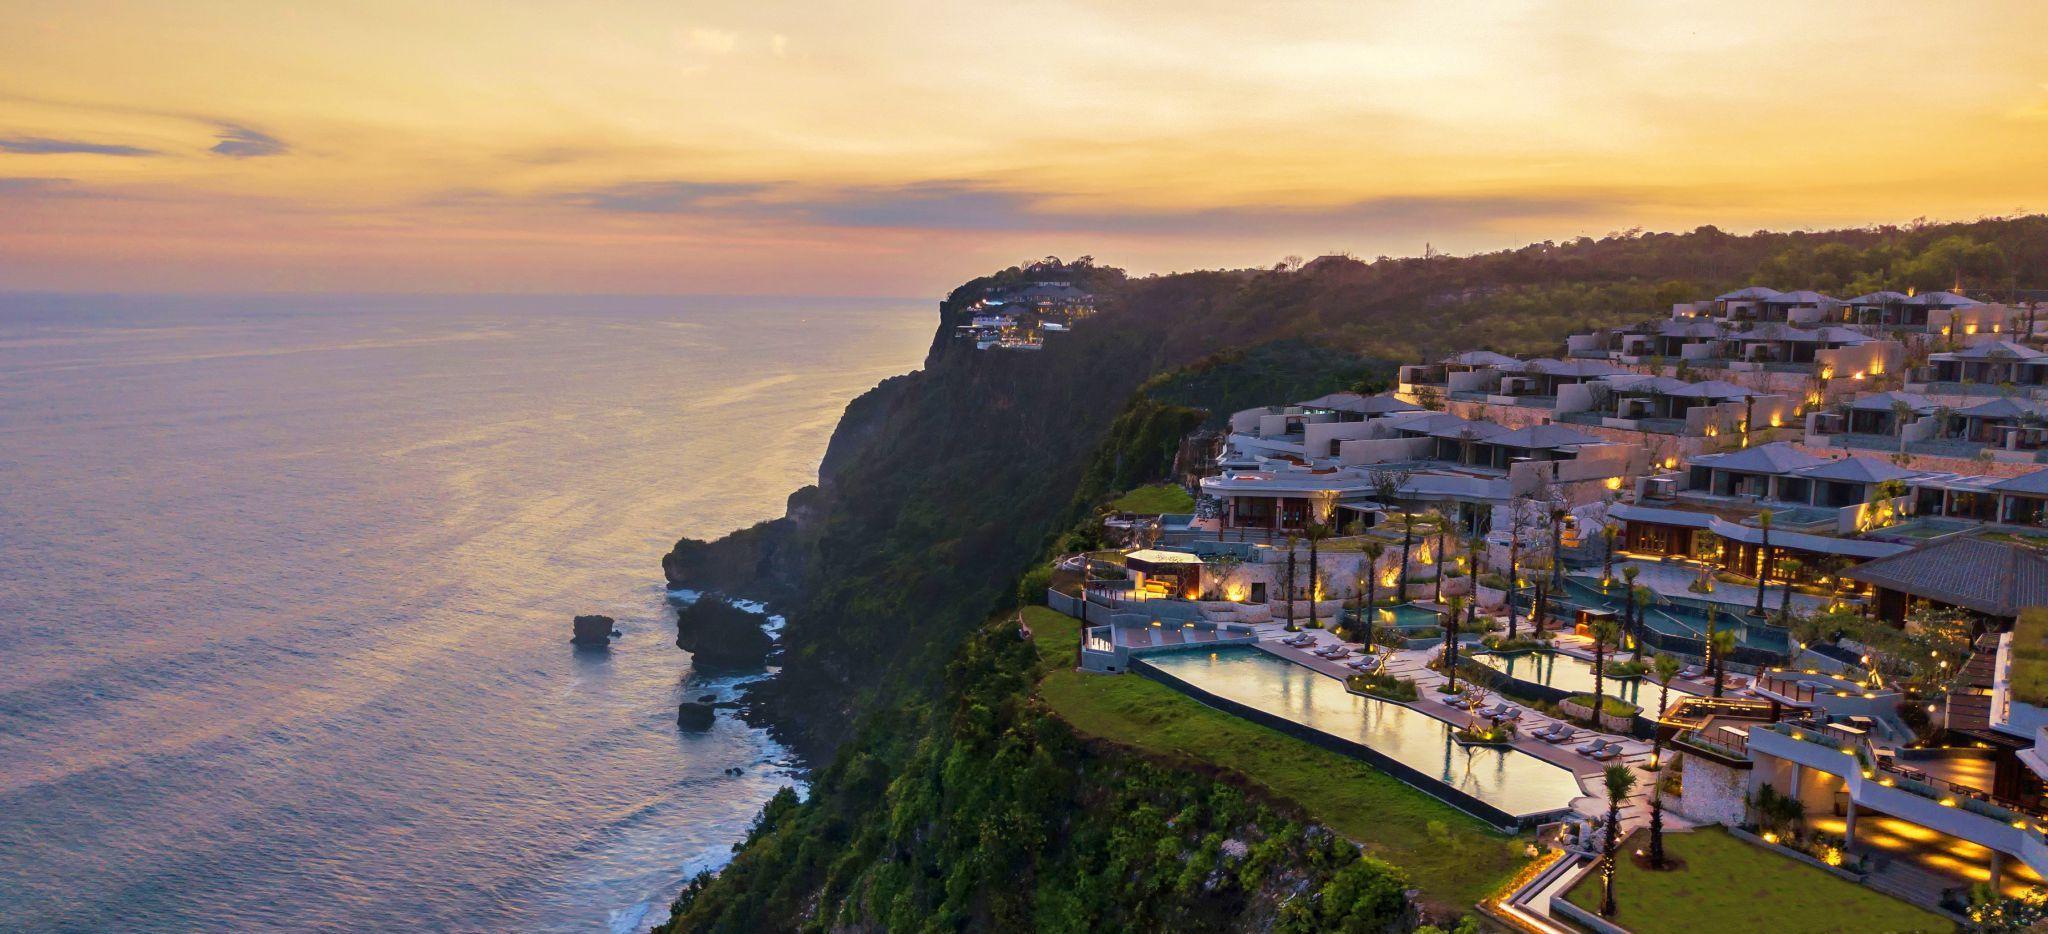 Luftaufnahme des Hotelgeländes des Six Senses Uluwatu auf Bali im Abendrot